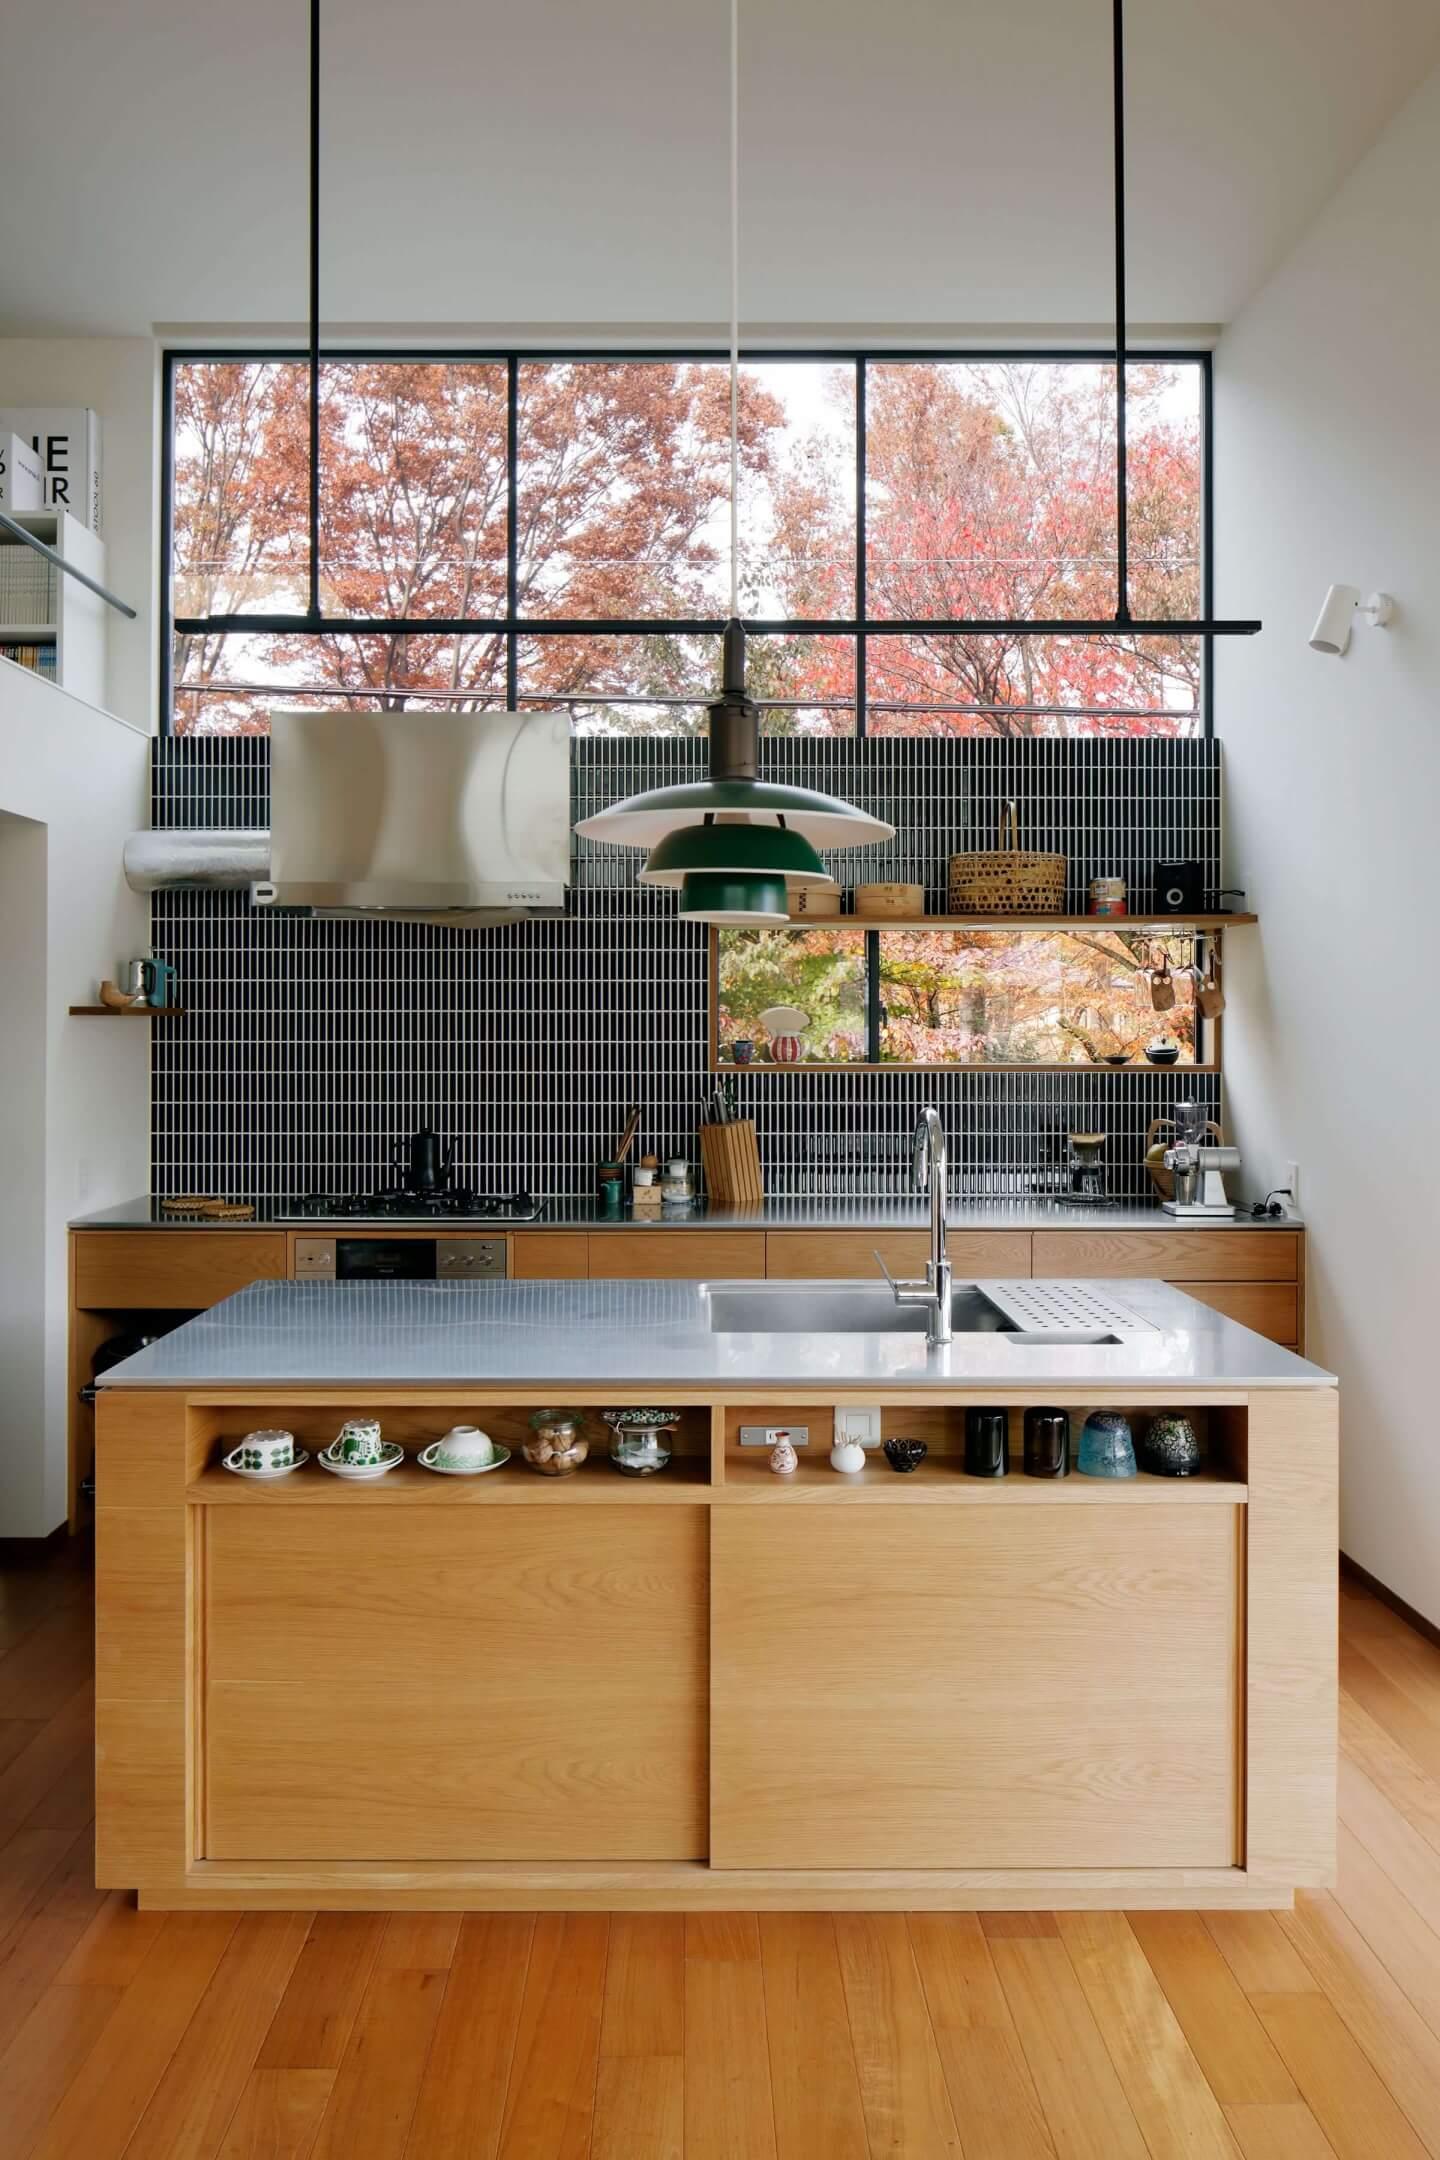 桜町の住宅のキッチンは大きな窓